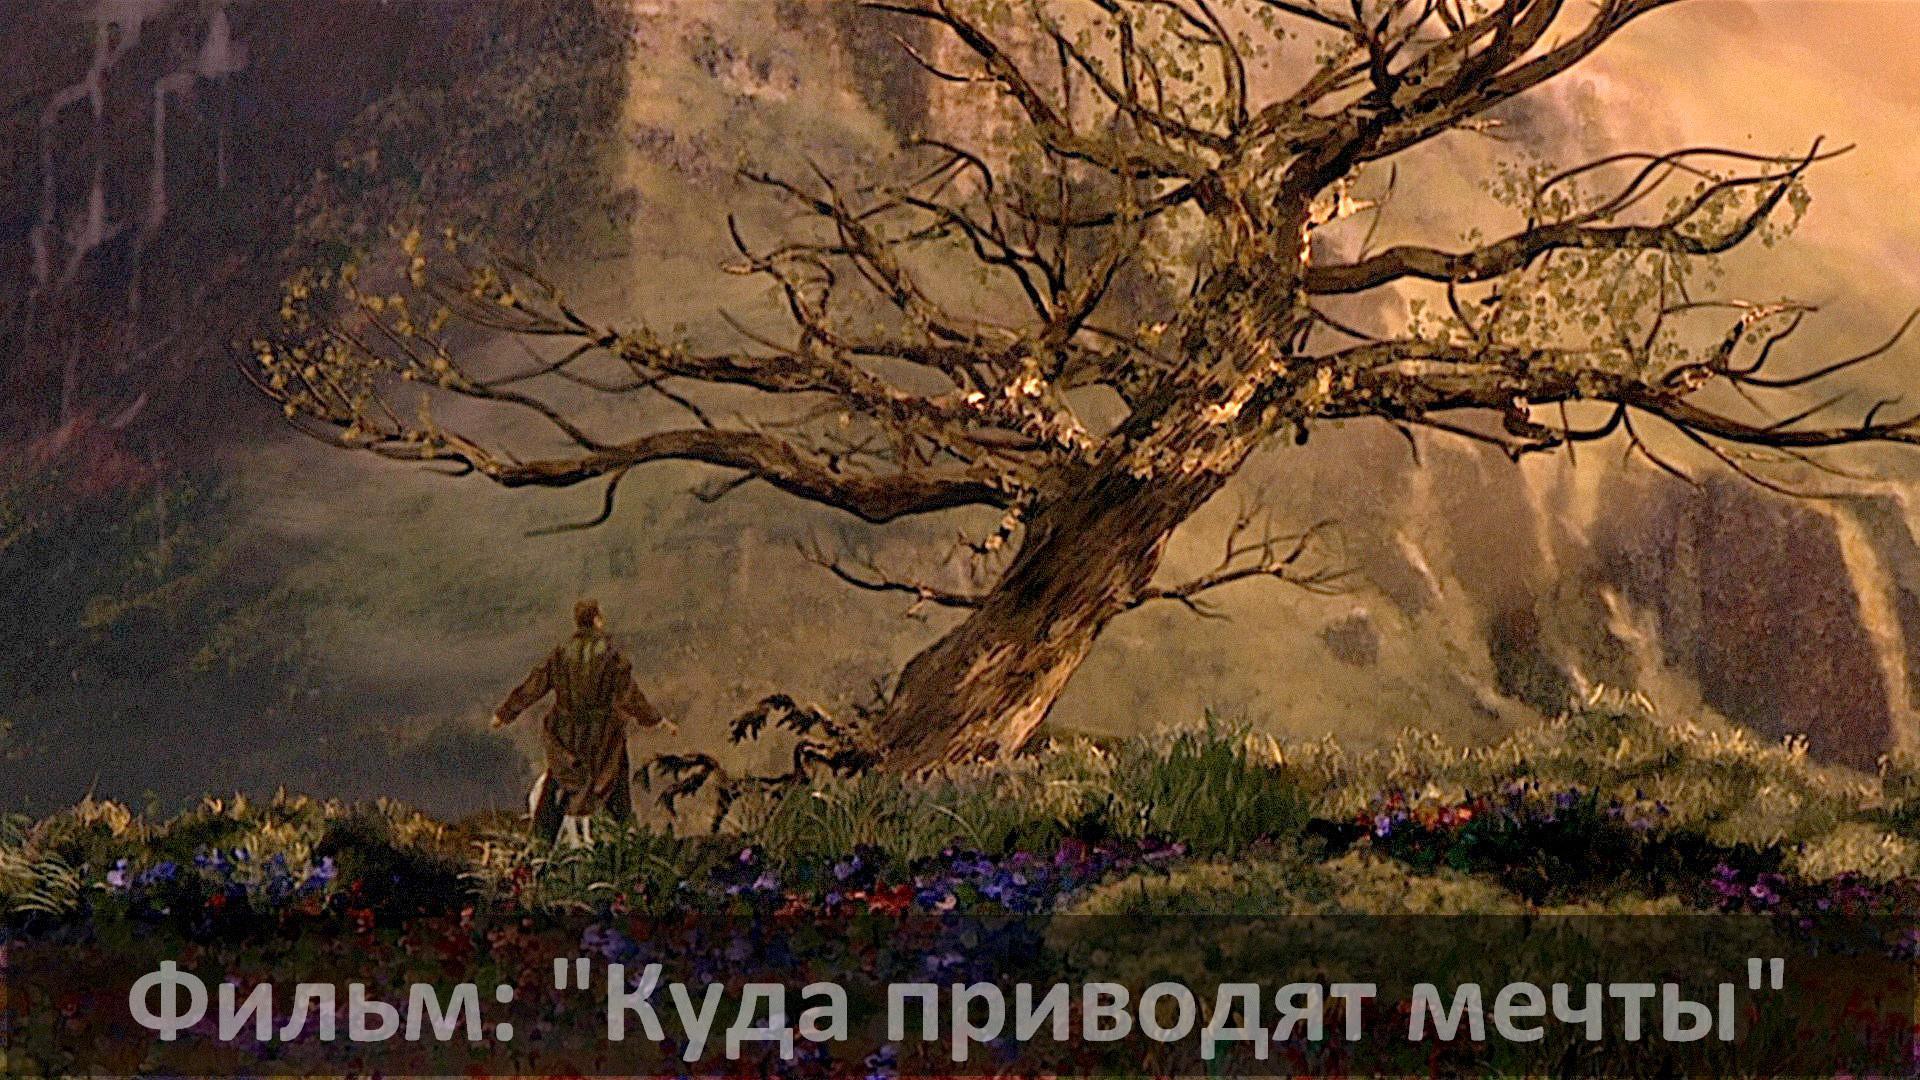 Фильм «Куда приводят мечты»